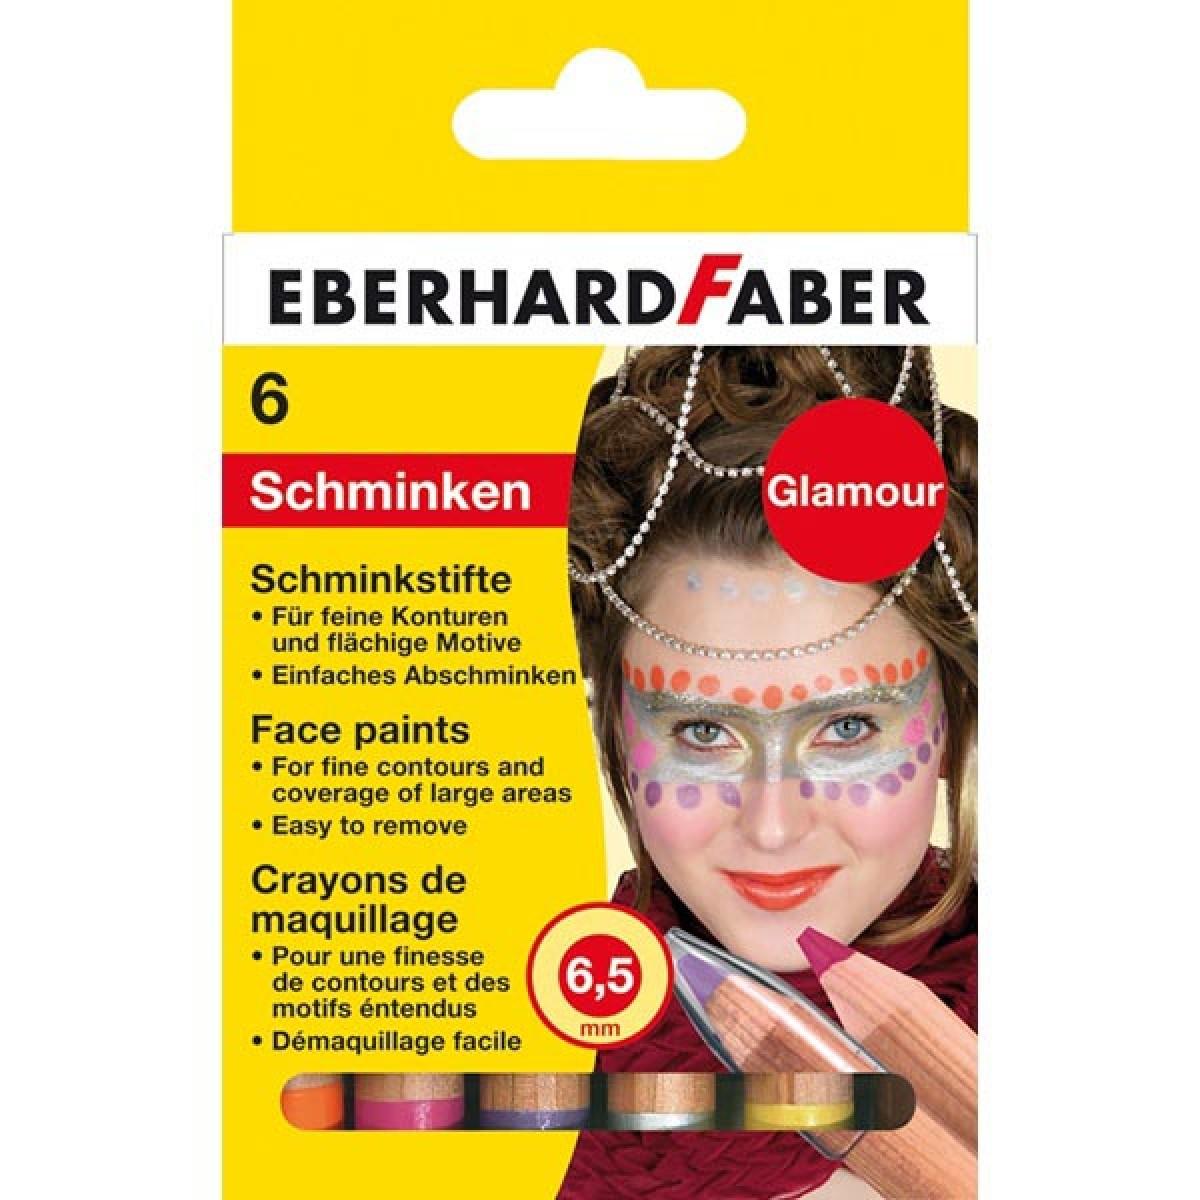 Eberhard Faber Μολύβια 6.5mm Για Το Πρόσωπο Glamour (6 Τεμ.) Μπογιές για πρόσωπο